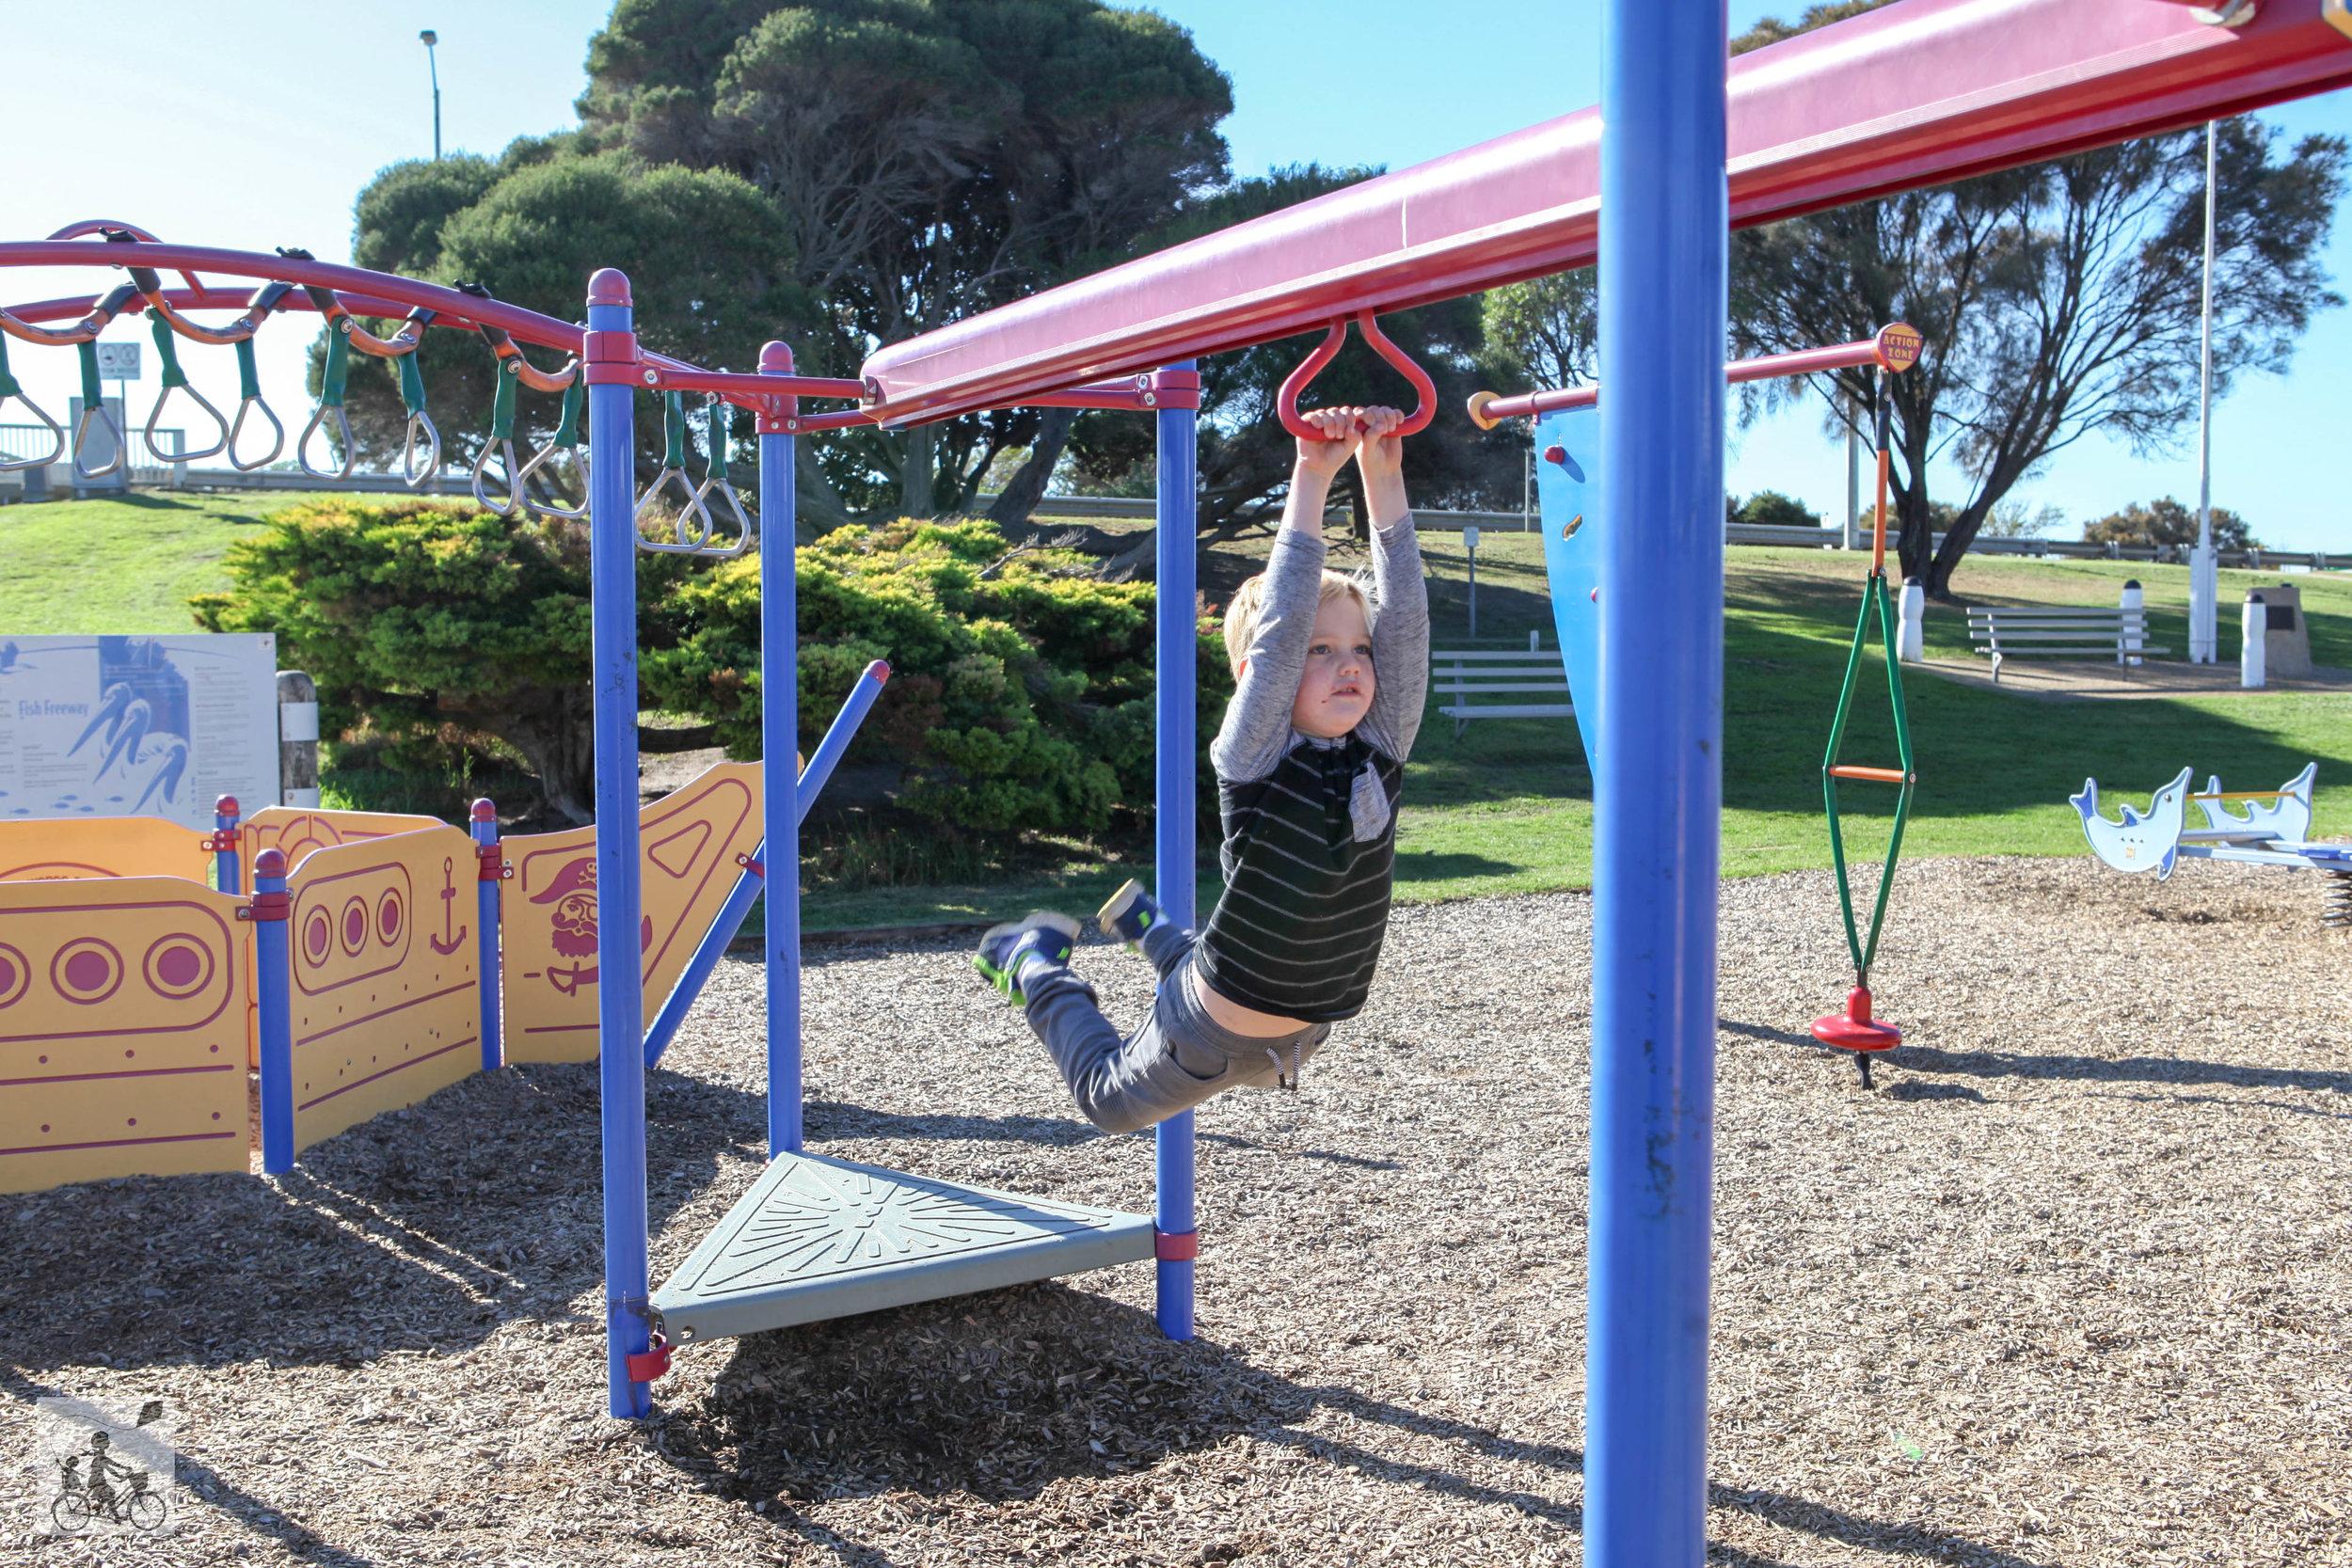 Richard Grayden Park Playground - Mamma Knows South (4 of 19).jpg